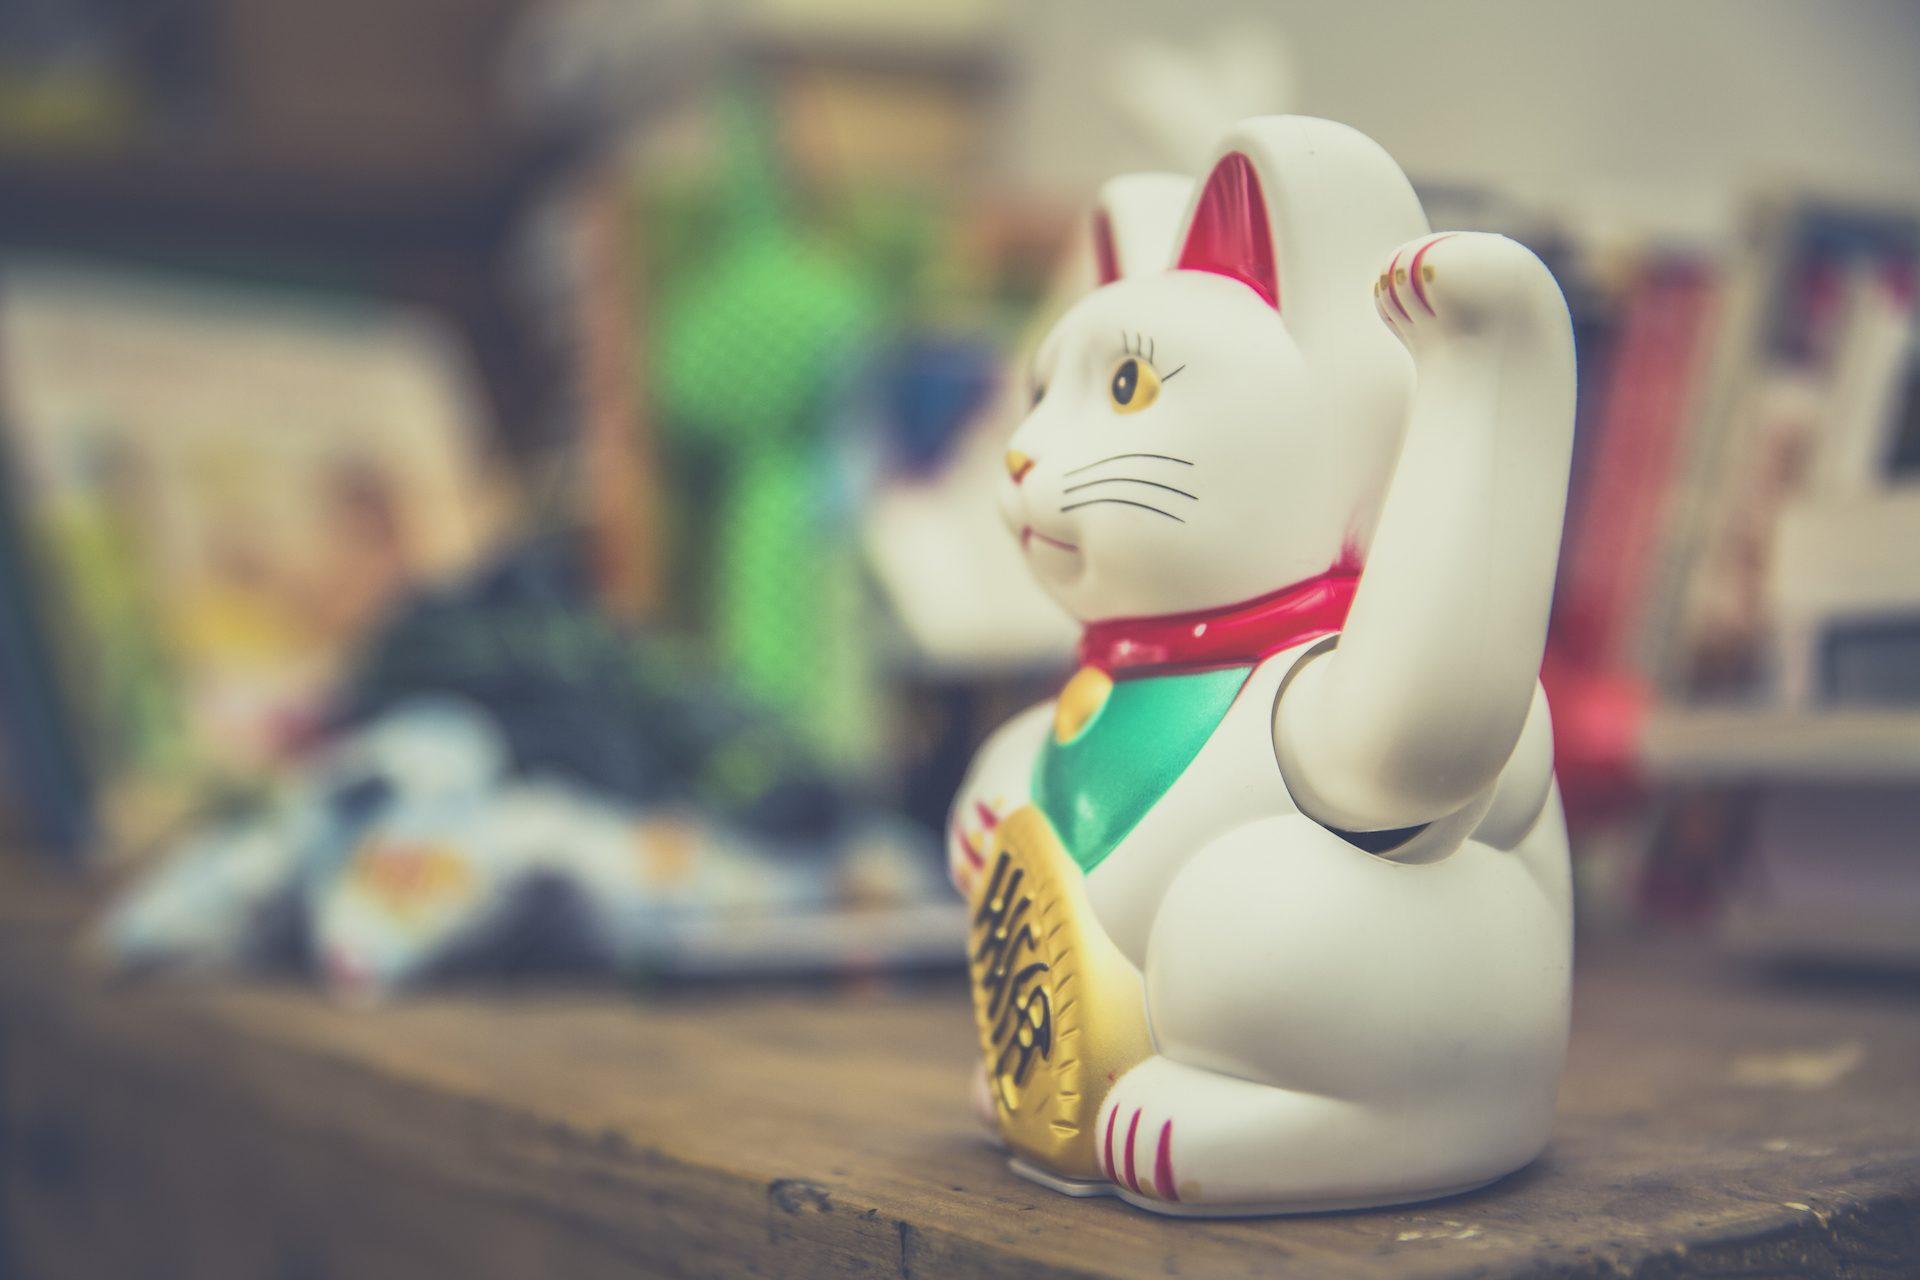 बिल्ली, चीनी, किस्मत, गंतव्य, सफेद - HD वॉलपेपर - प्रोफेसर-falken.com